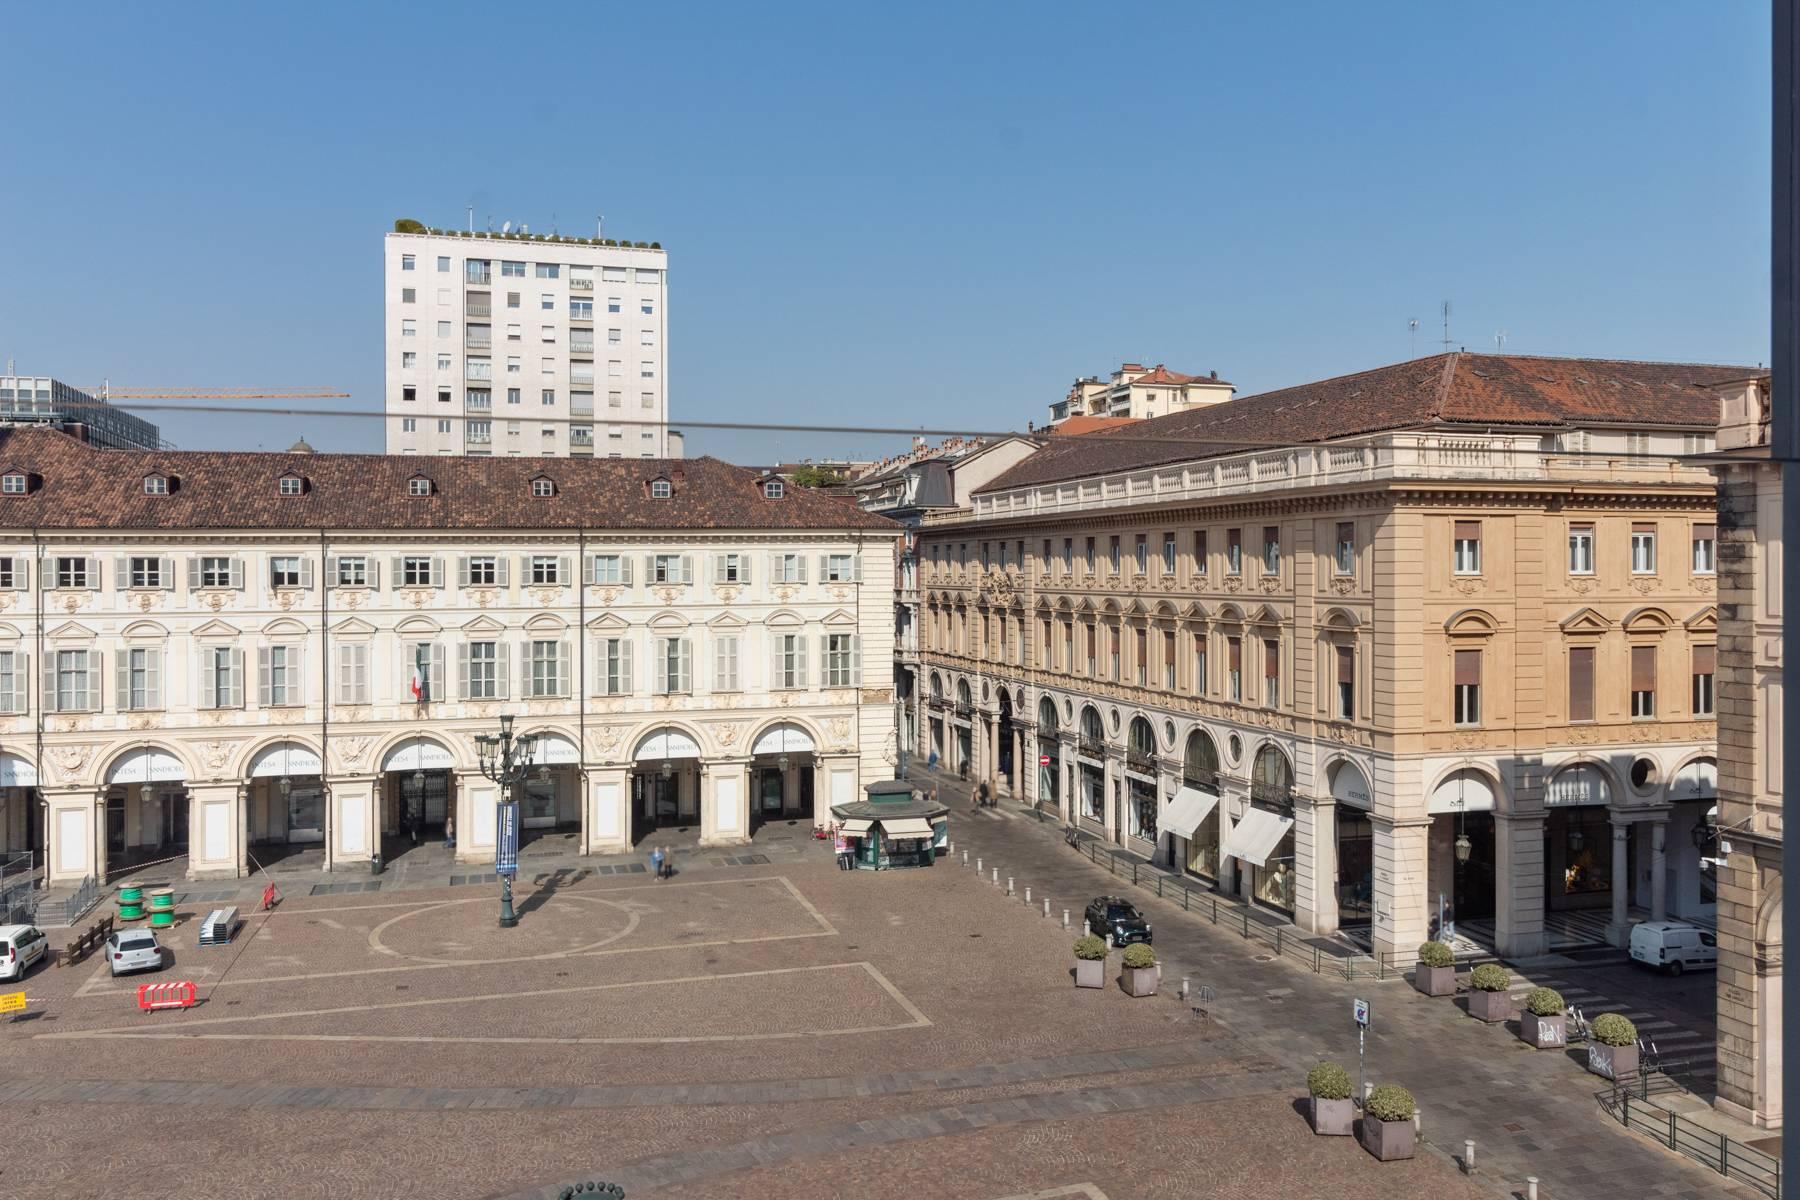 Attico in Vendita a Torino: 5 locali, 452 mq - Foto 25